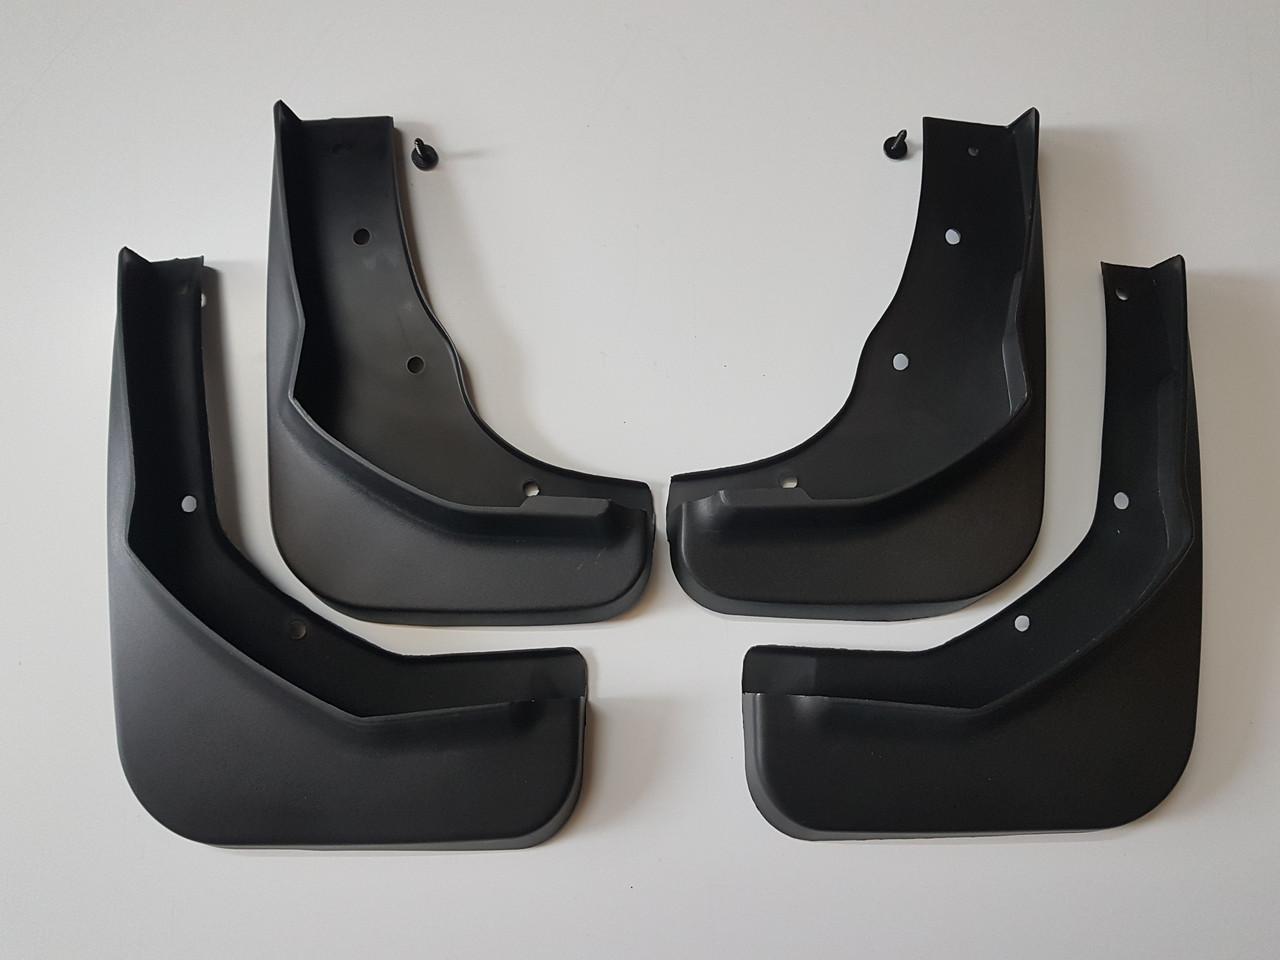 Брызговики Ford Kuga (2013-2020)